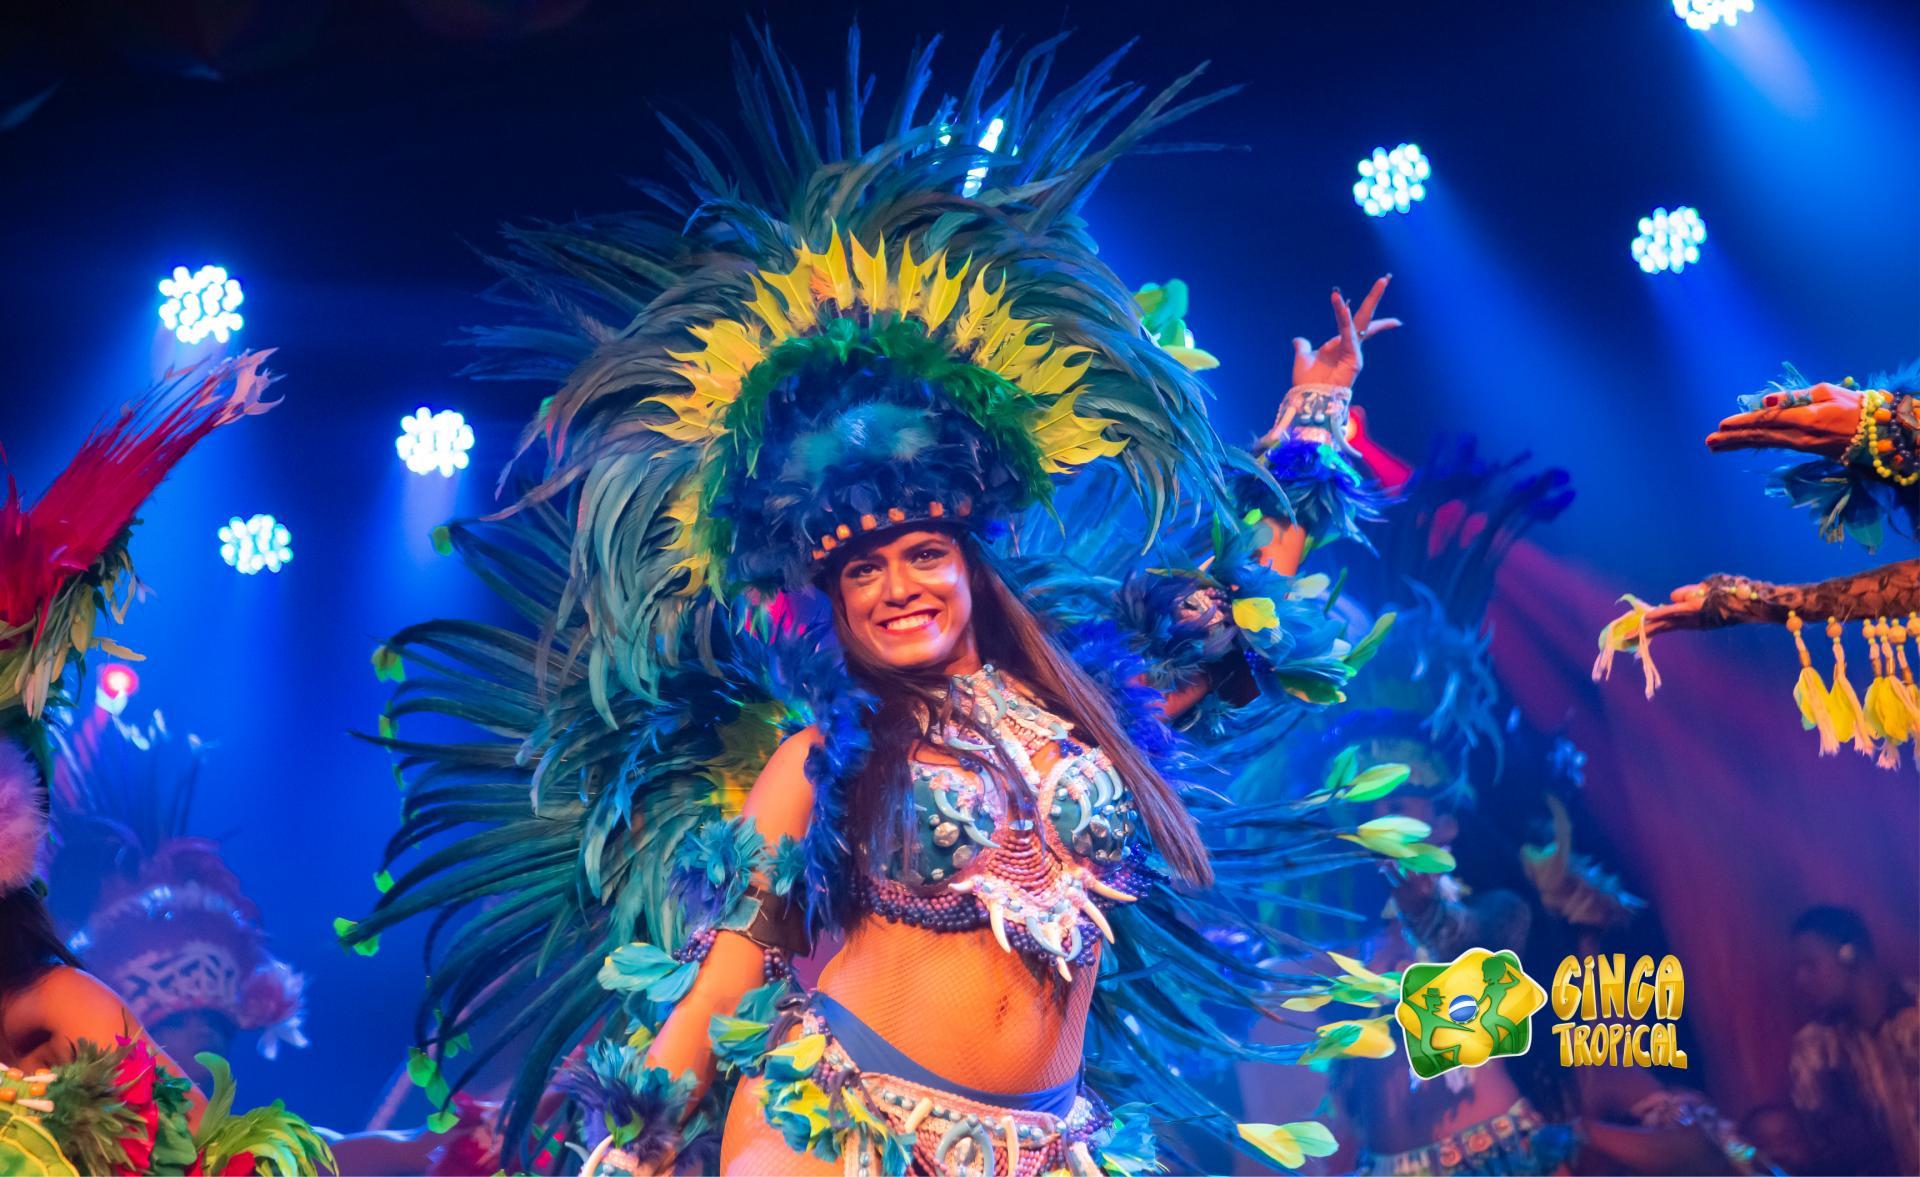 Sambatänzerin bei der Ginga Tropical Show in Rio